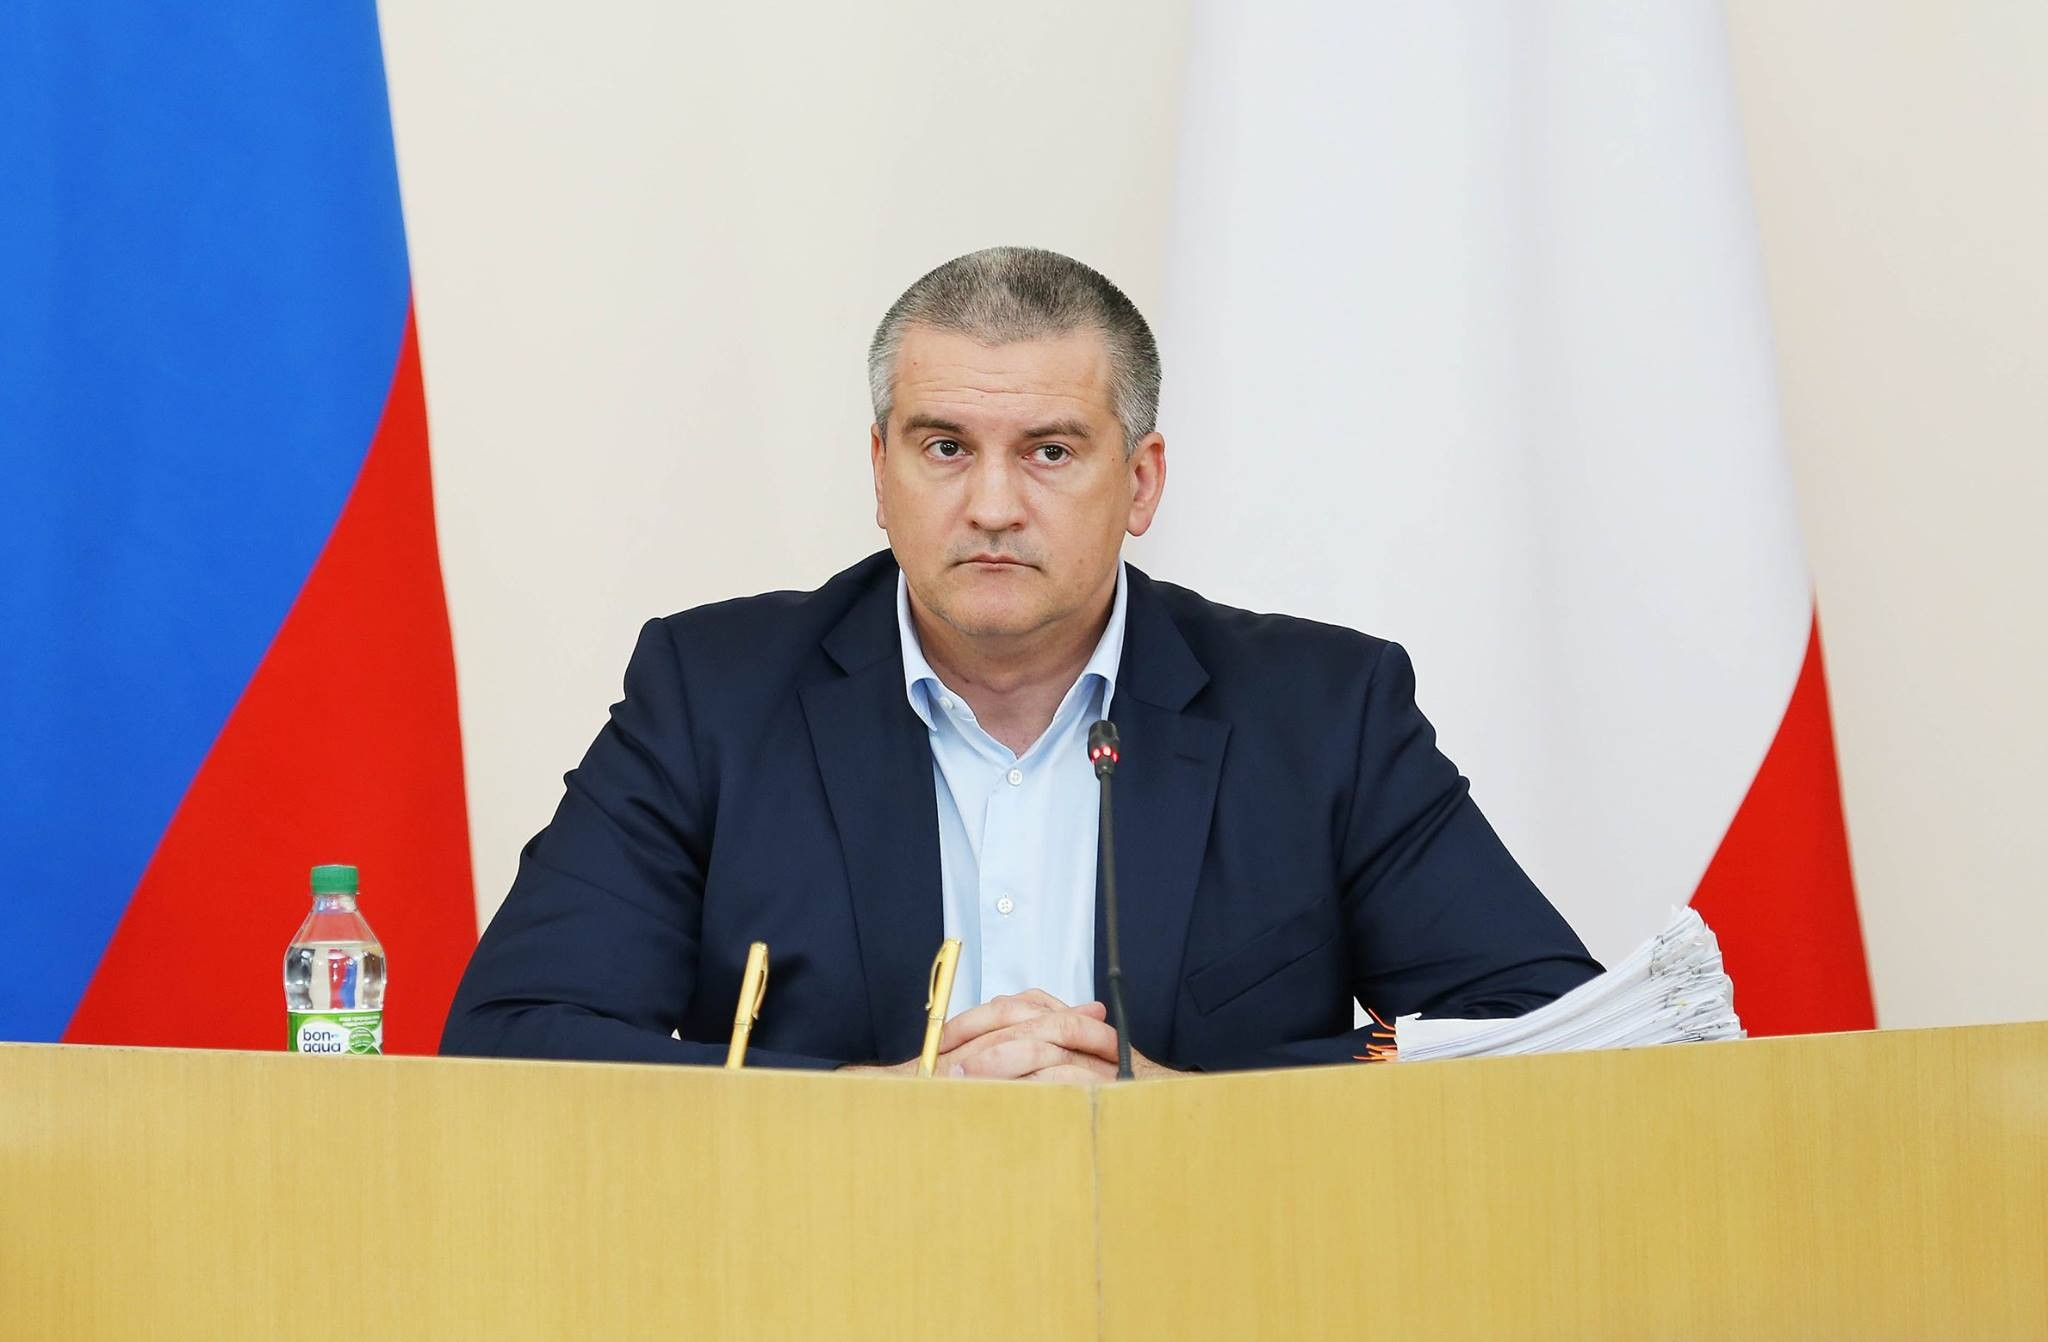 Аксенов: Крым заменит россиянам Турцию иЕгипет лишь вперспективе